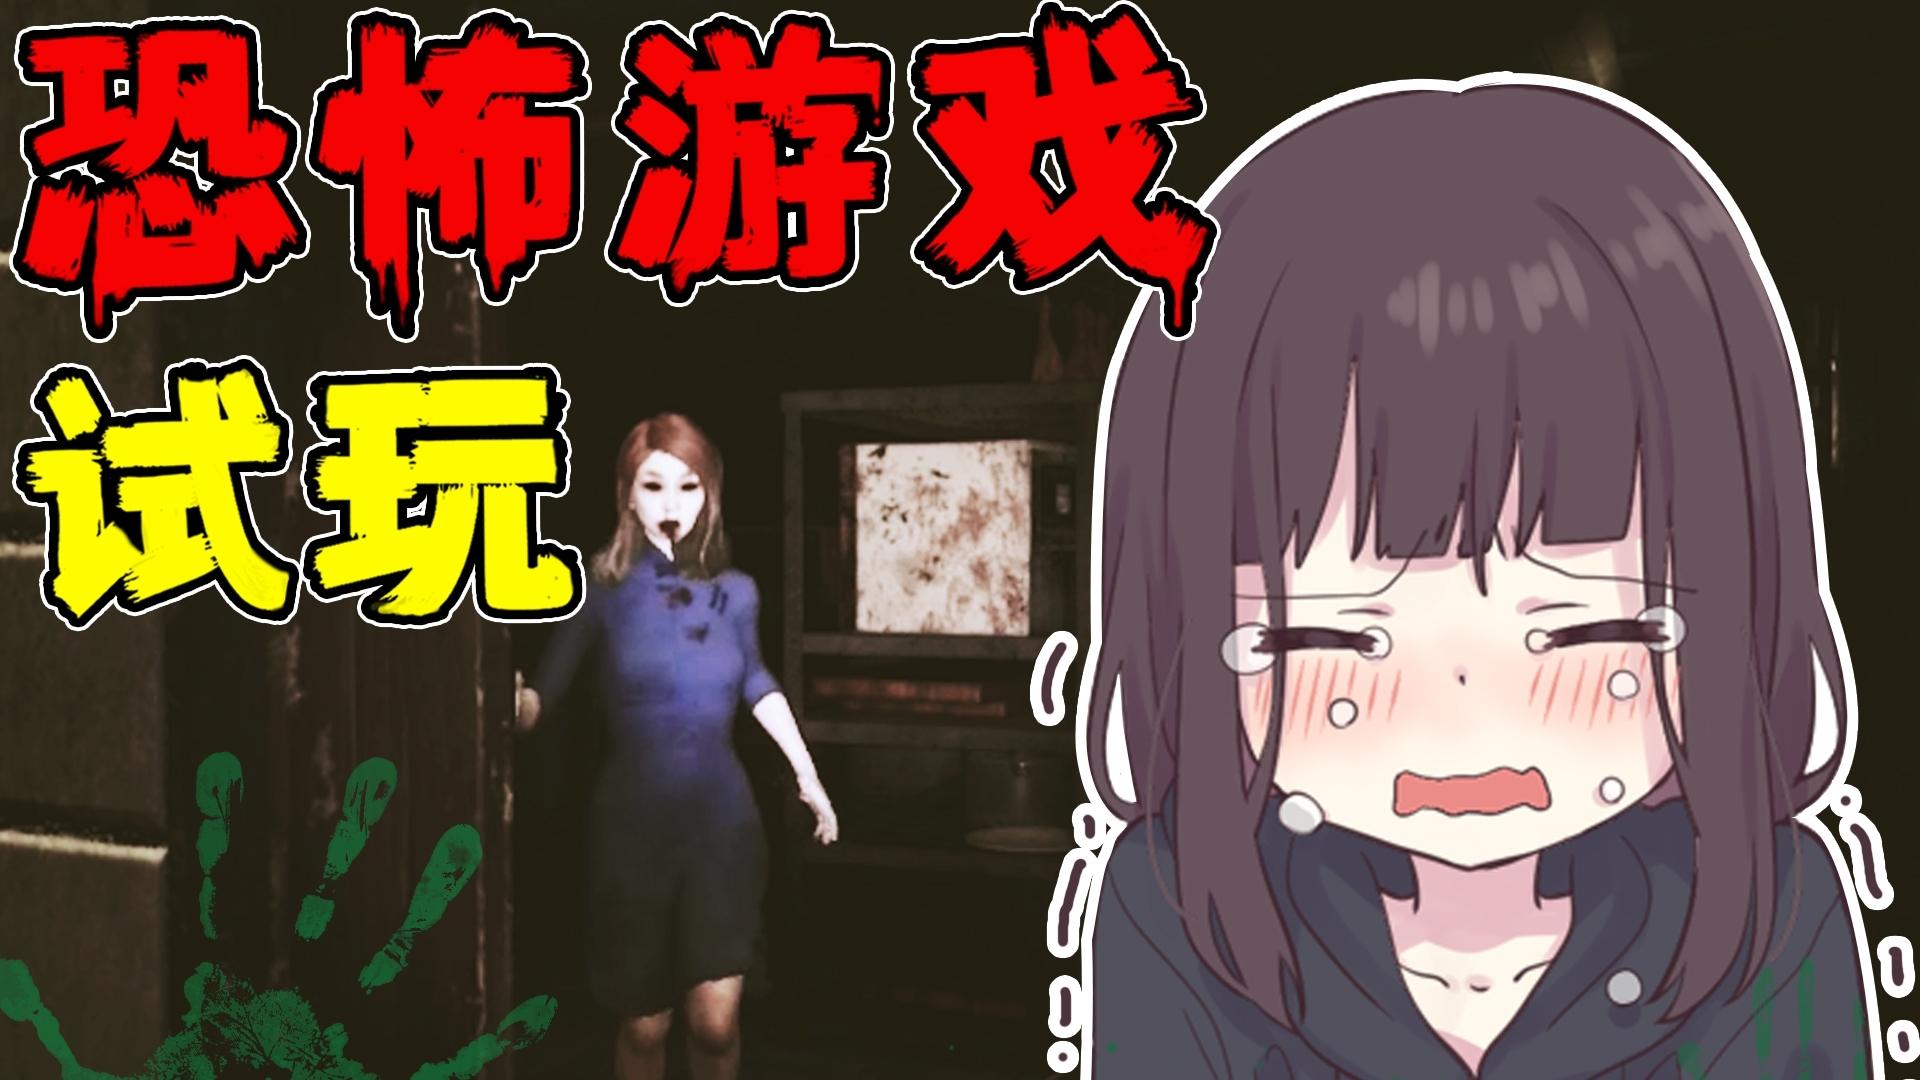 【七濑胡桃】日本少女挑战中式恐怖游戏!你敢看完吗?